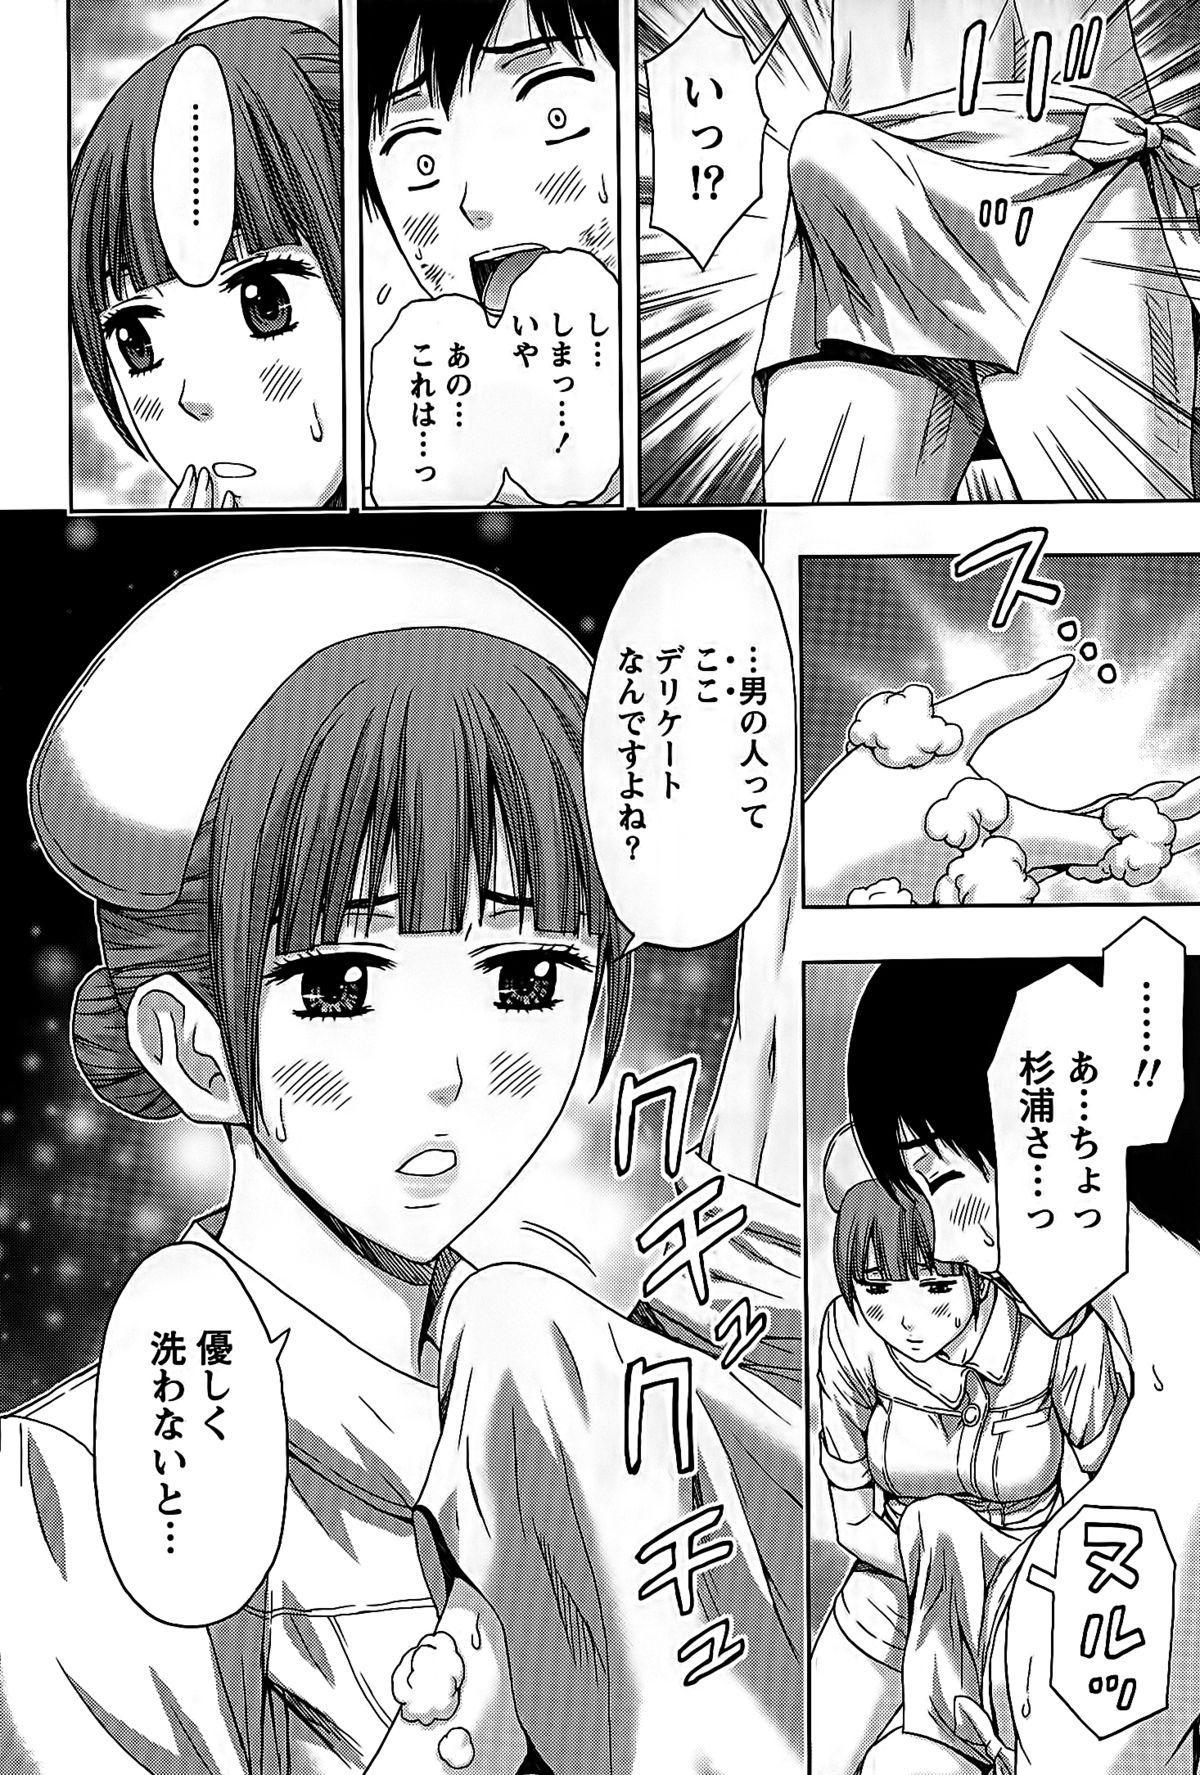 Shittori Lady to Amai Mitsu 116